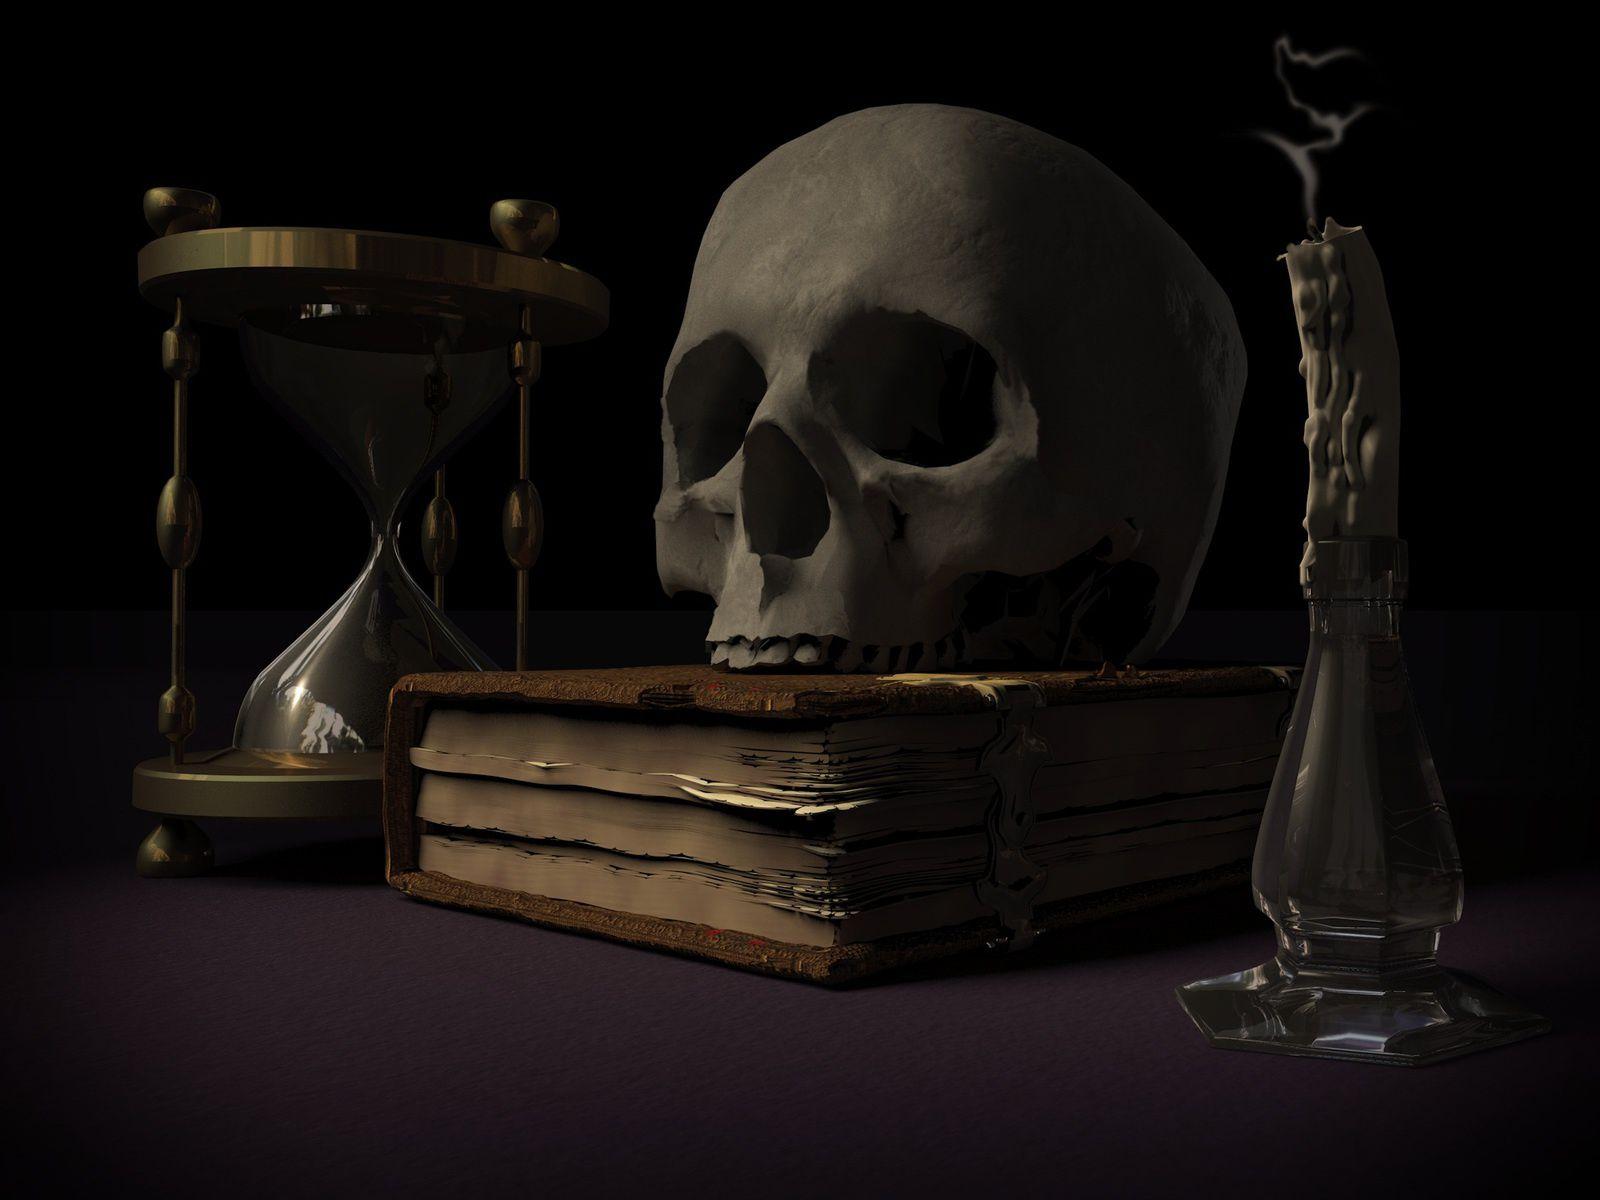 Collection des images sur le thème Day Of The Dead celebration